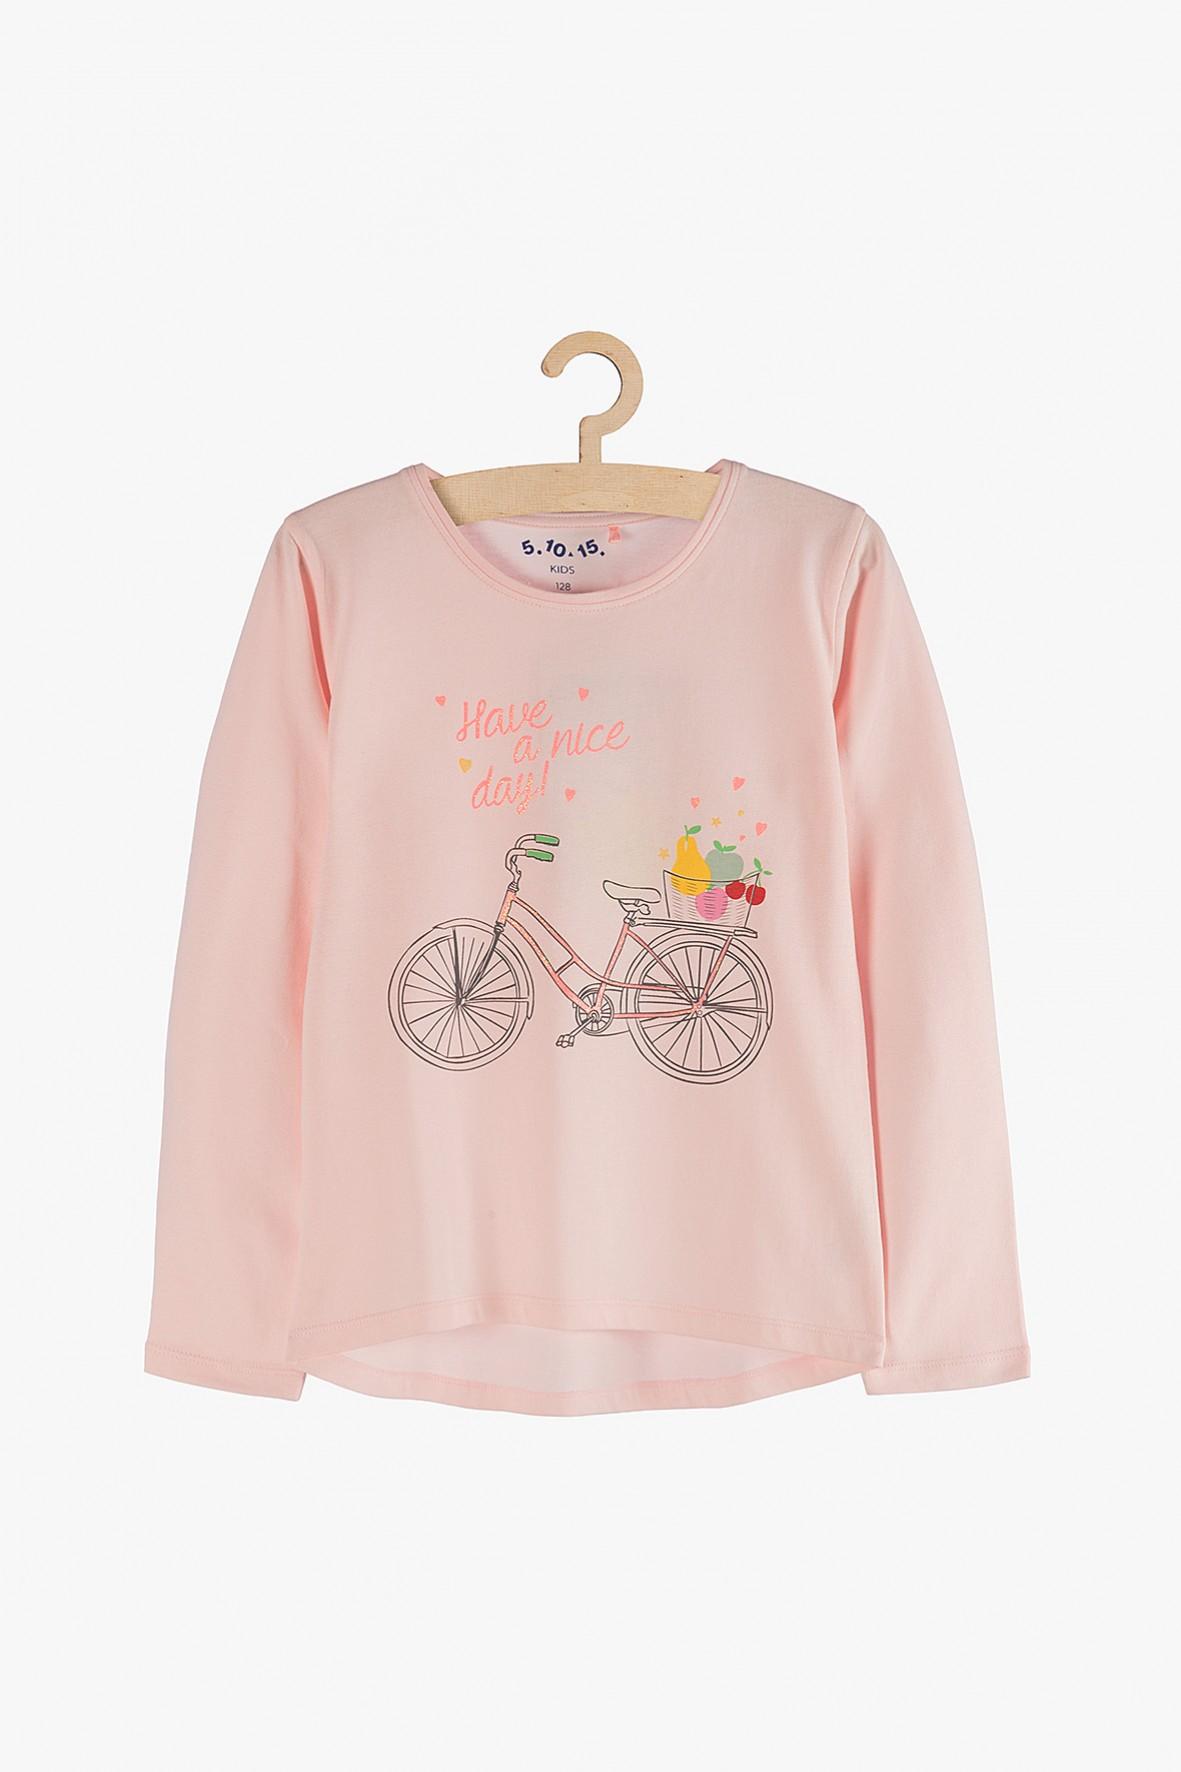 Bluzka dziewczęca różowa z napisem Have a nice day